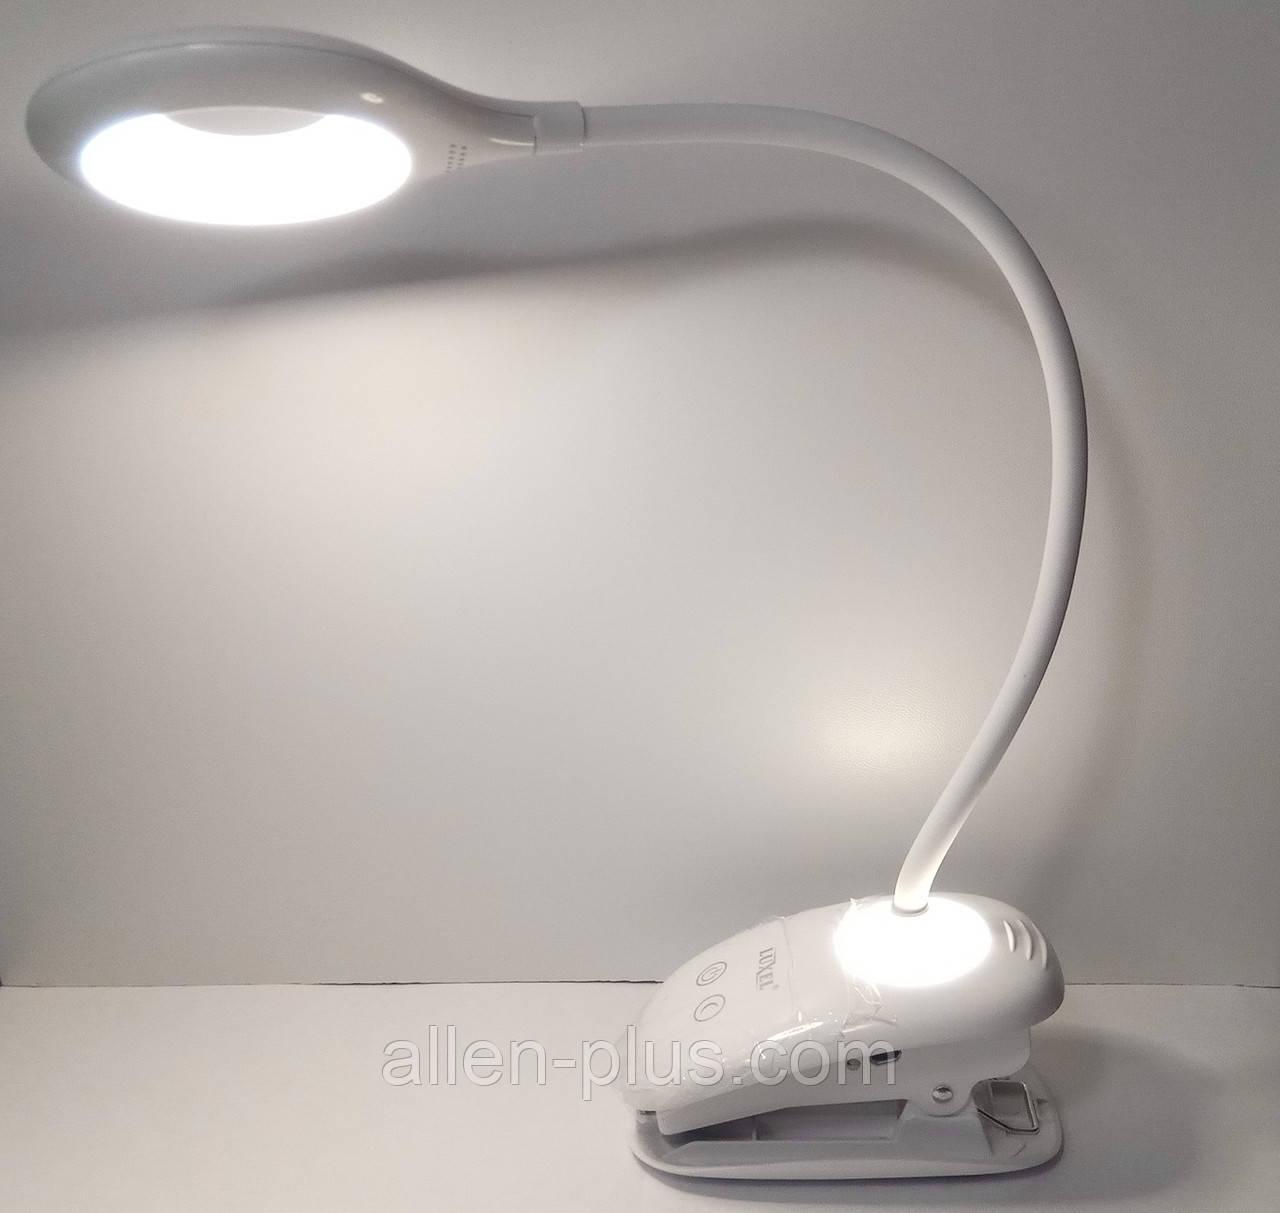 Настольная светодиодная лампа на прищепке Luxel TLC-04W, прищепка, 6W, IP20, USB, аккумулятор 1200 mAh, ночник